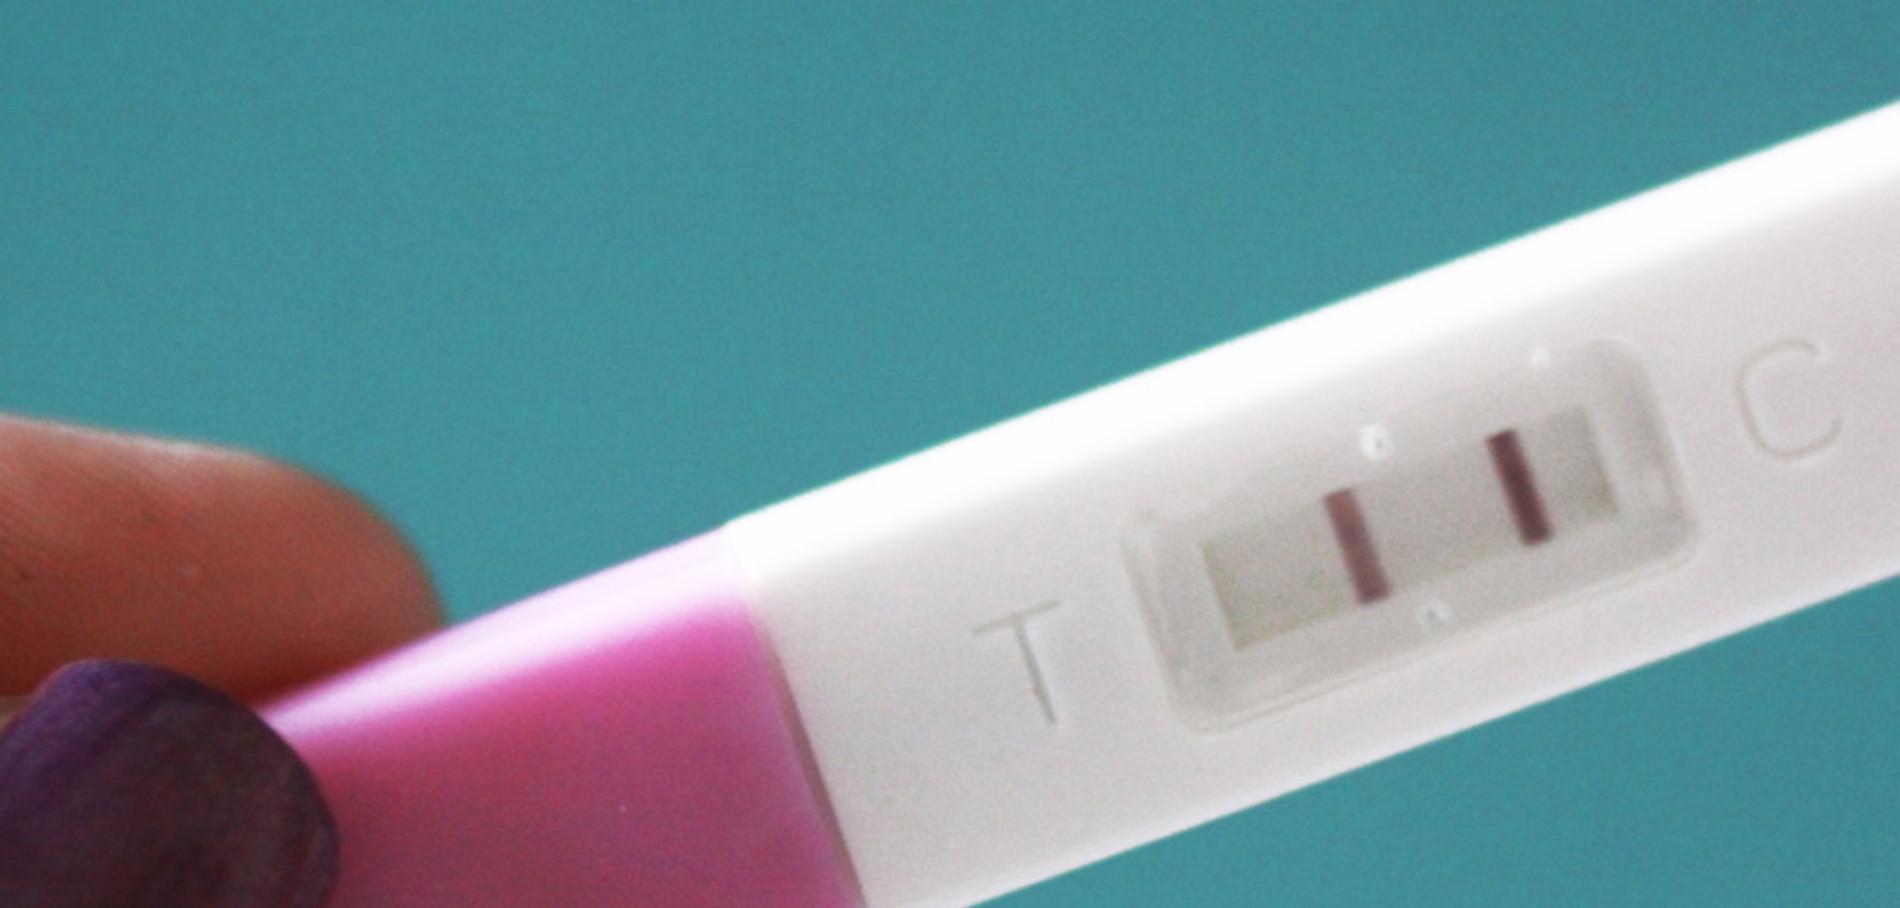 prix test de grossesse ce n 39 est pas cher de savoir si l 39 on est enceinte ou pas. Black Bedroom Furniture Sets. Home Design Ideas